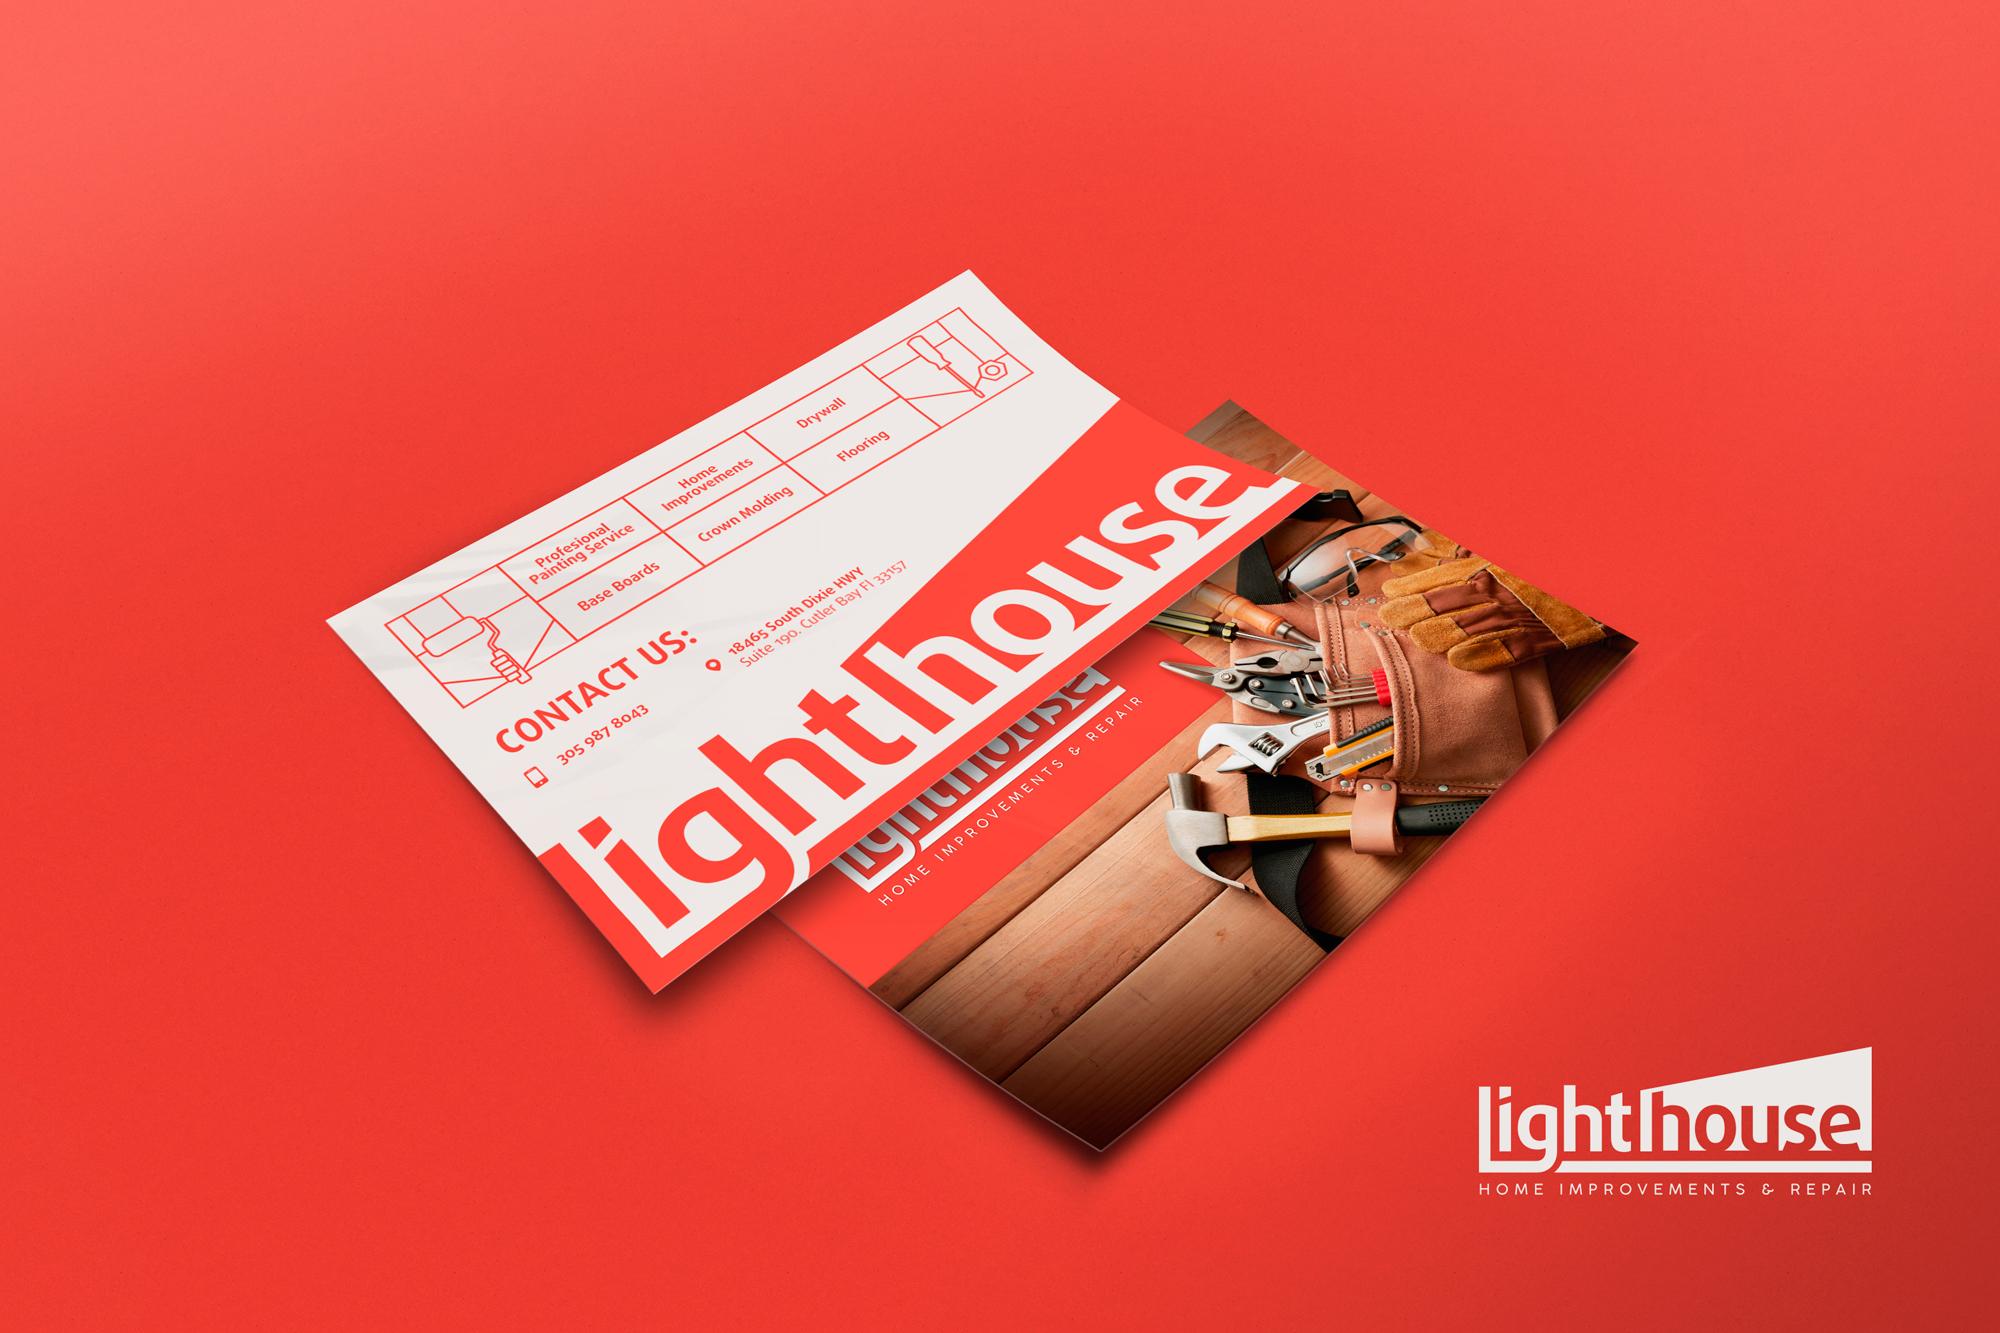 18_01_09_Flyer_Mockup_Lighthouse